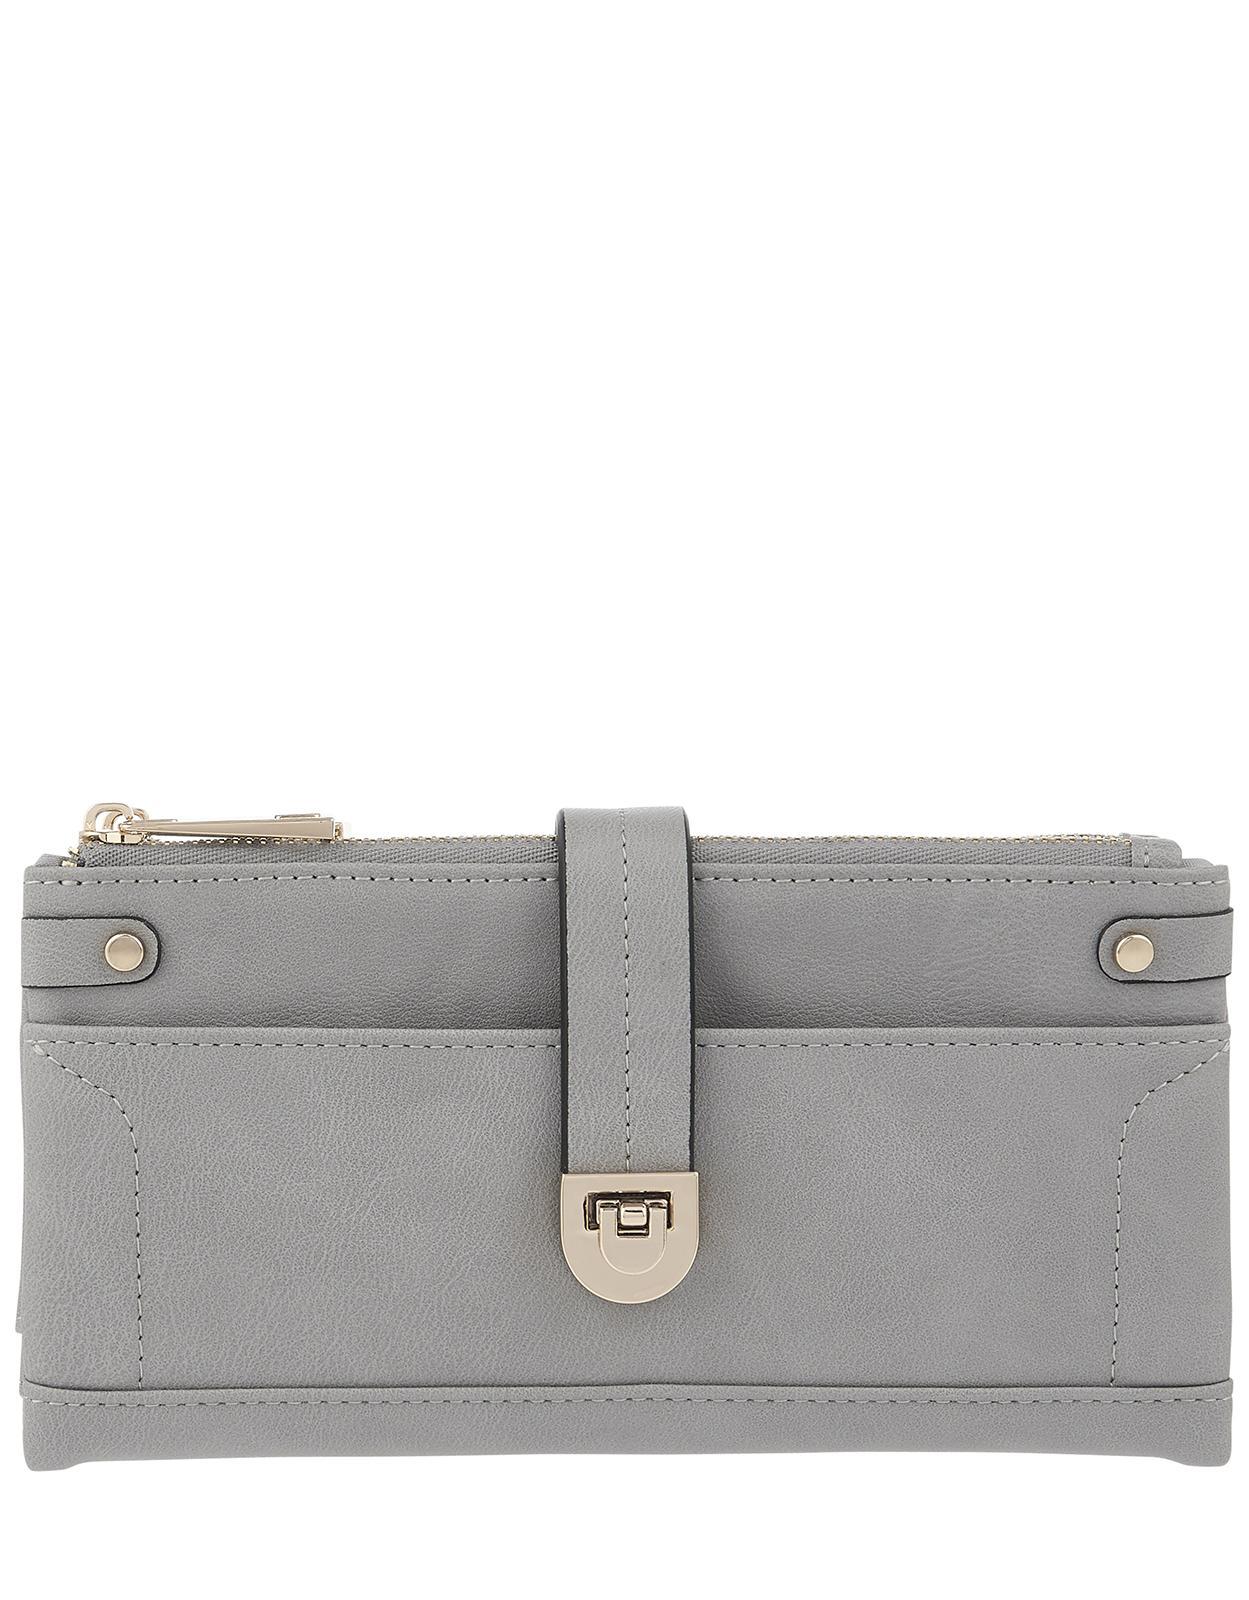 c4957a607 Accessorize Foldover Flip-lock Wallet in Gray - Lyst